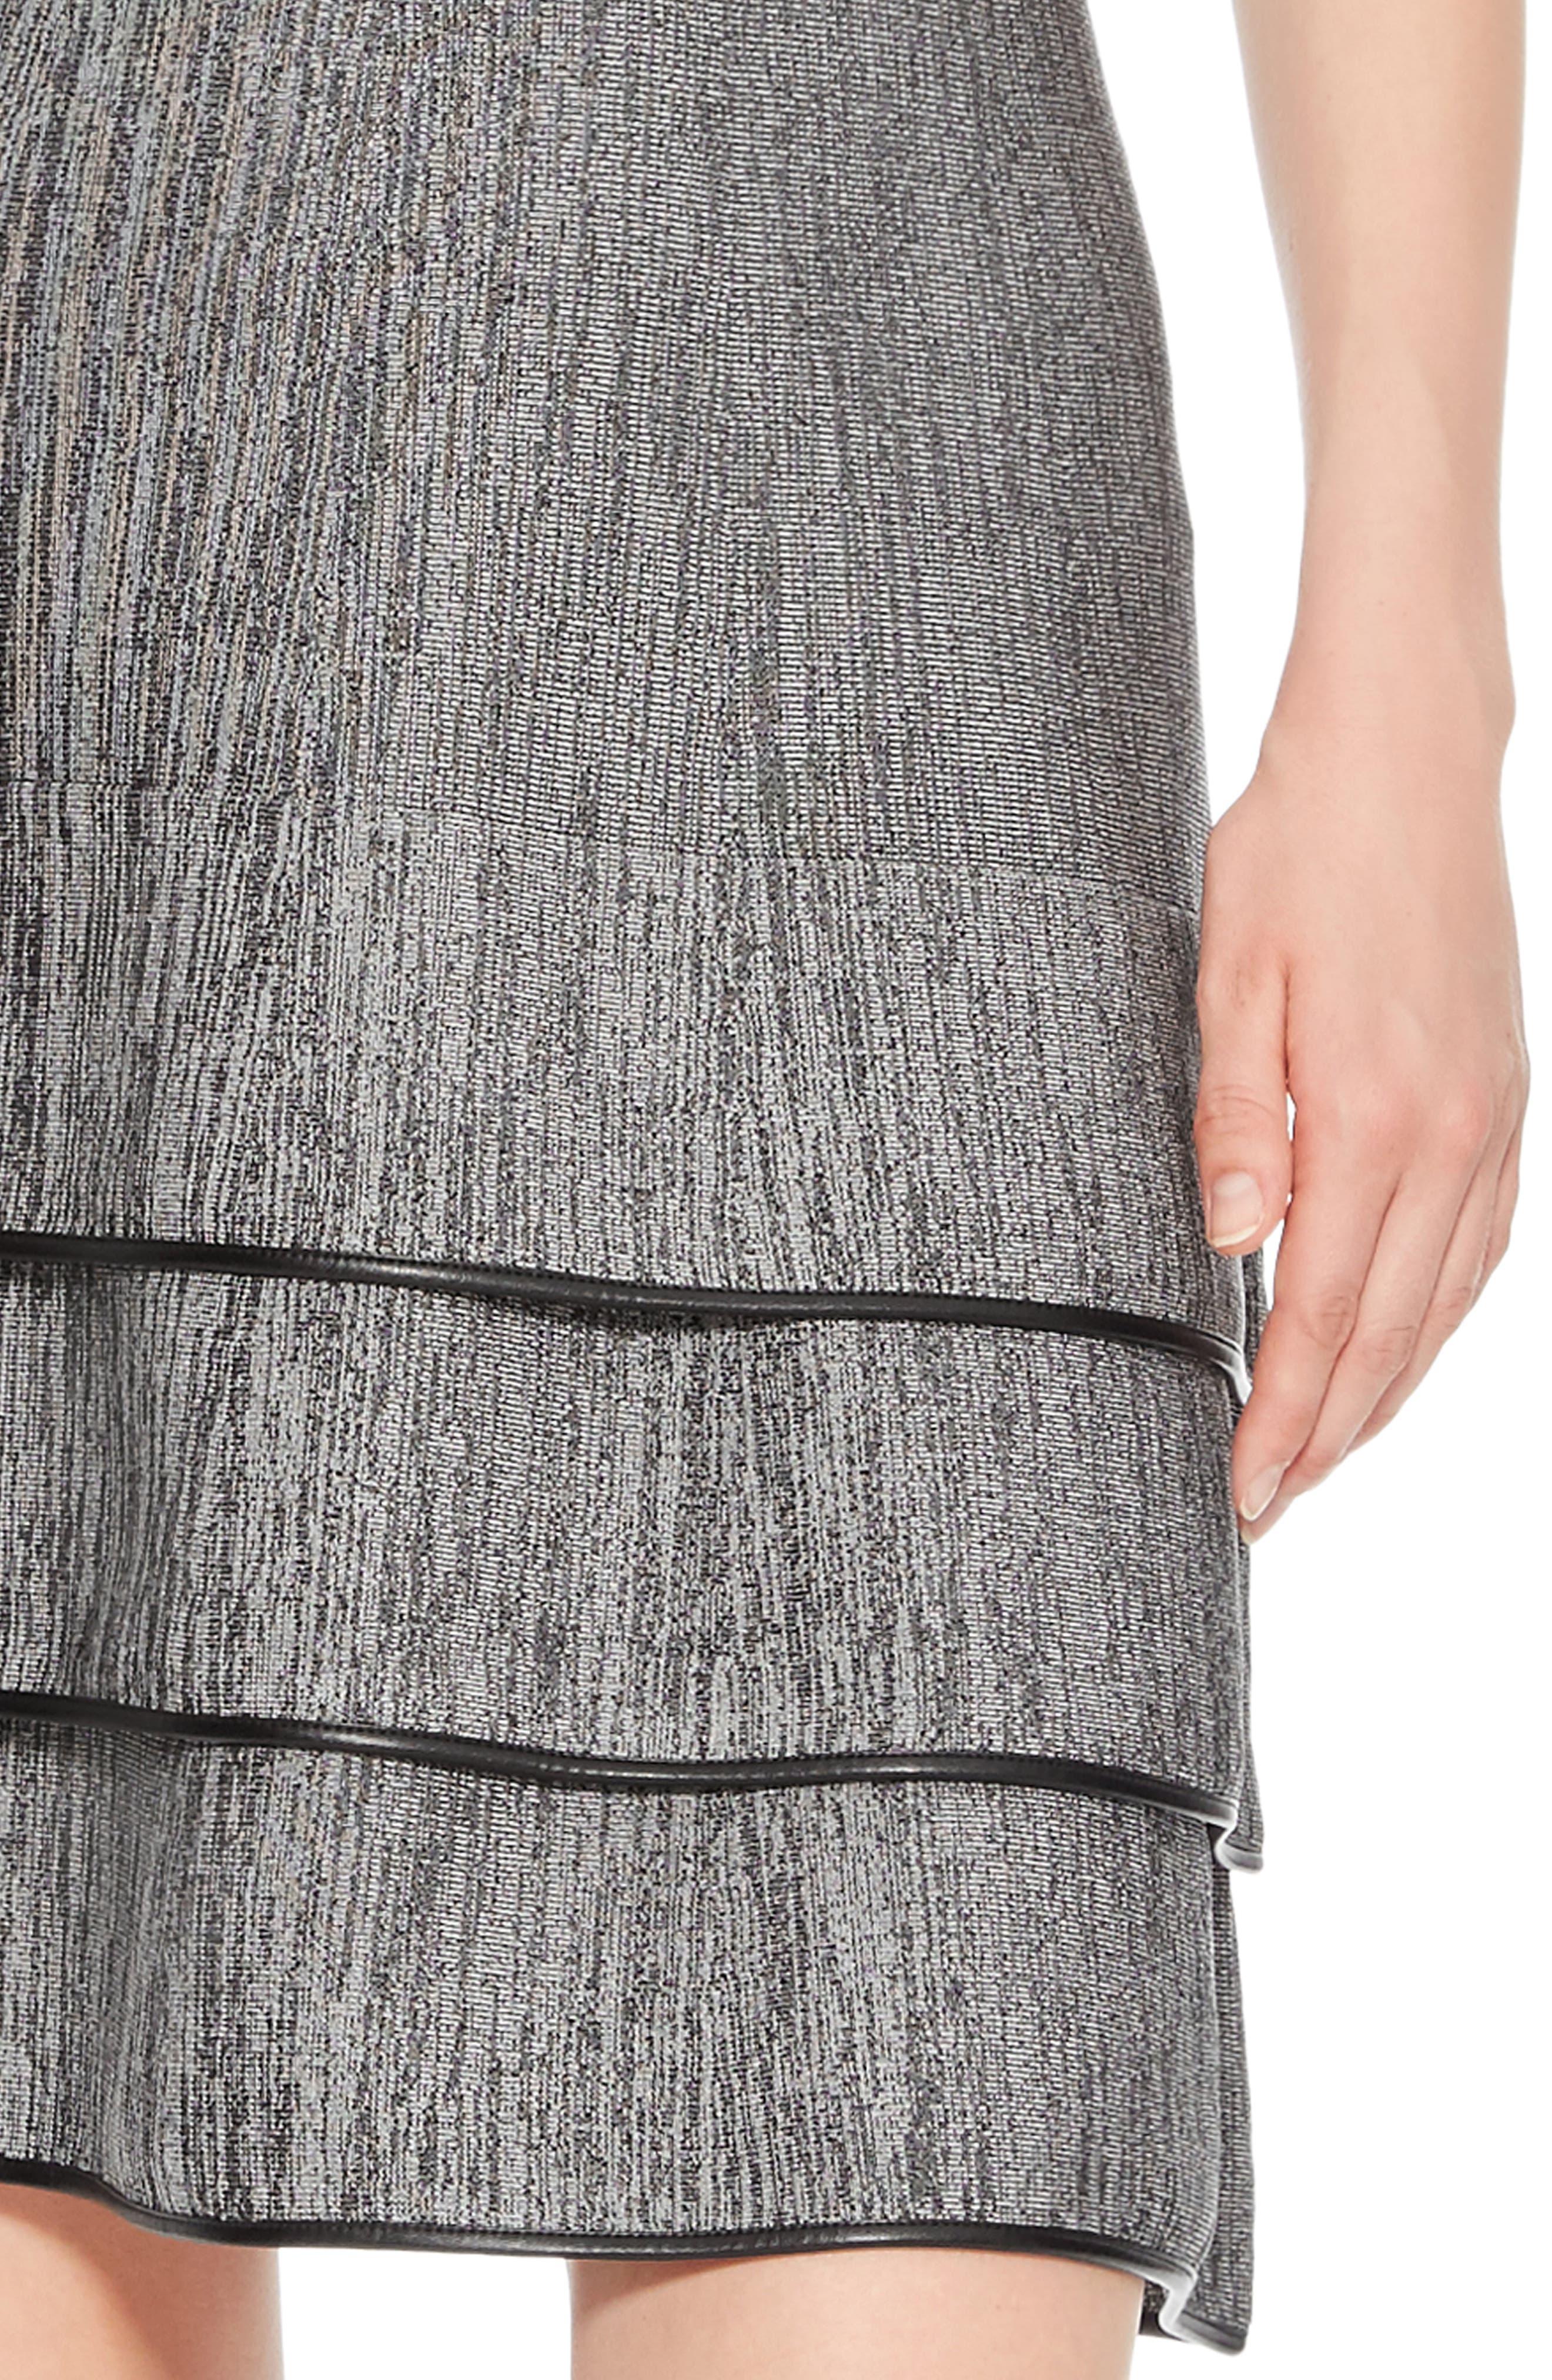 Sondra Knit Dress,                             Alternate thumbnail 4, color,                             005